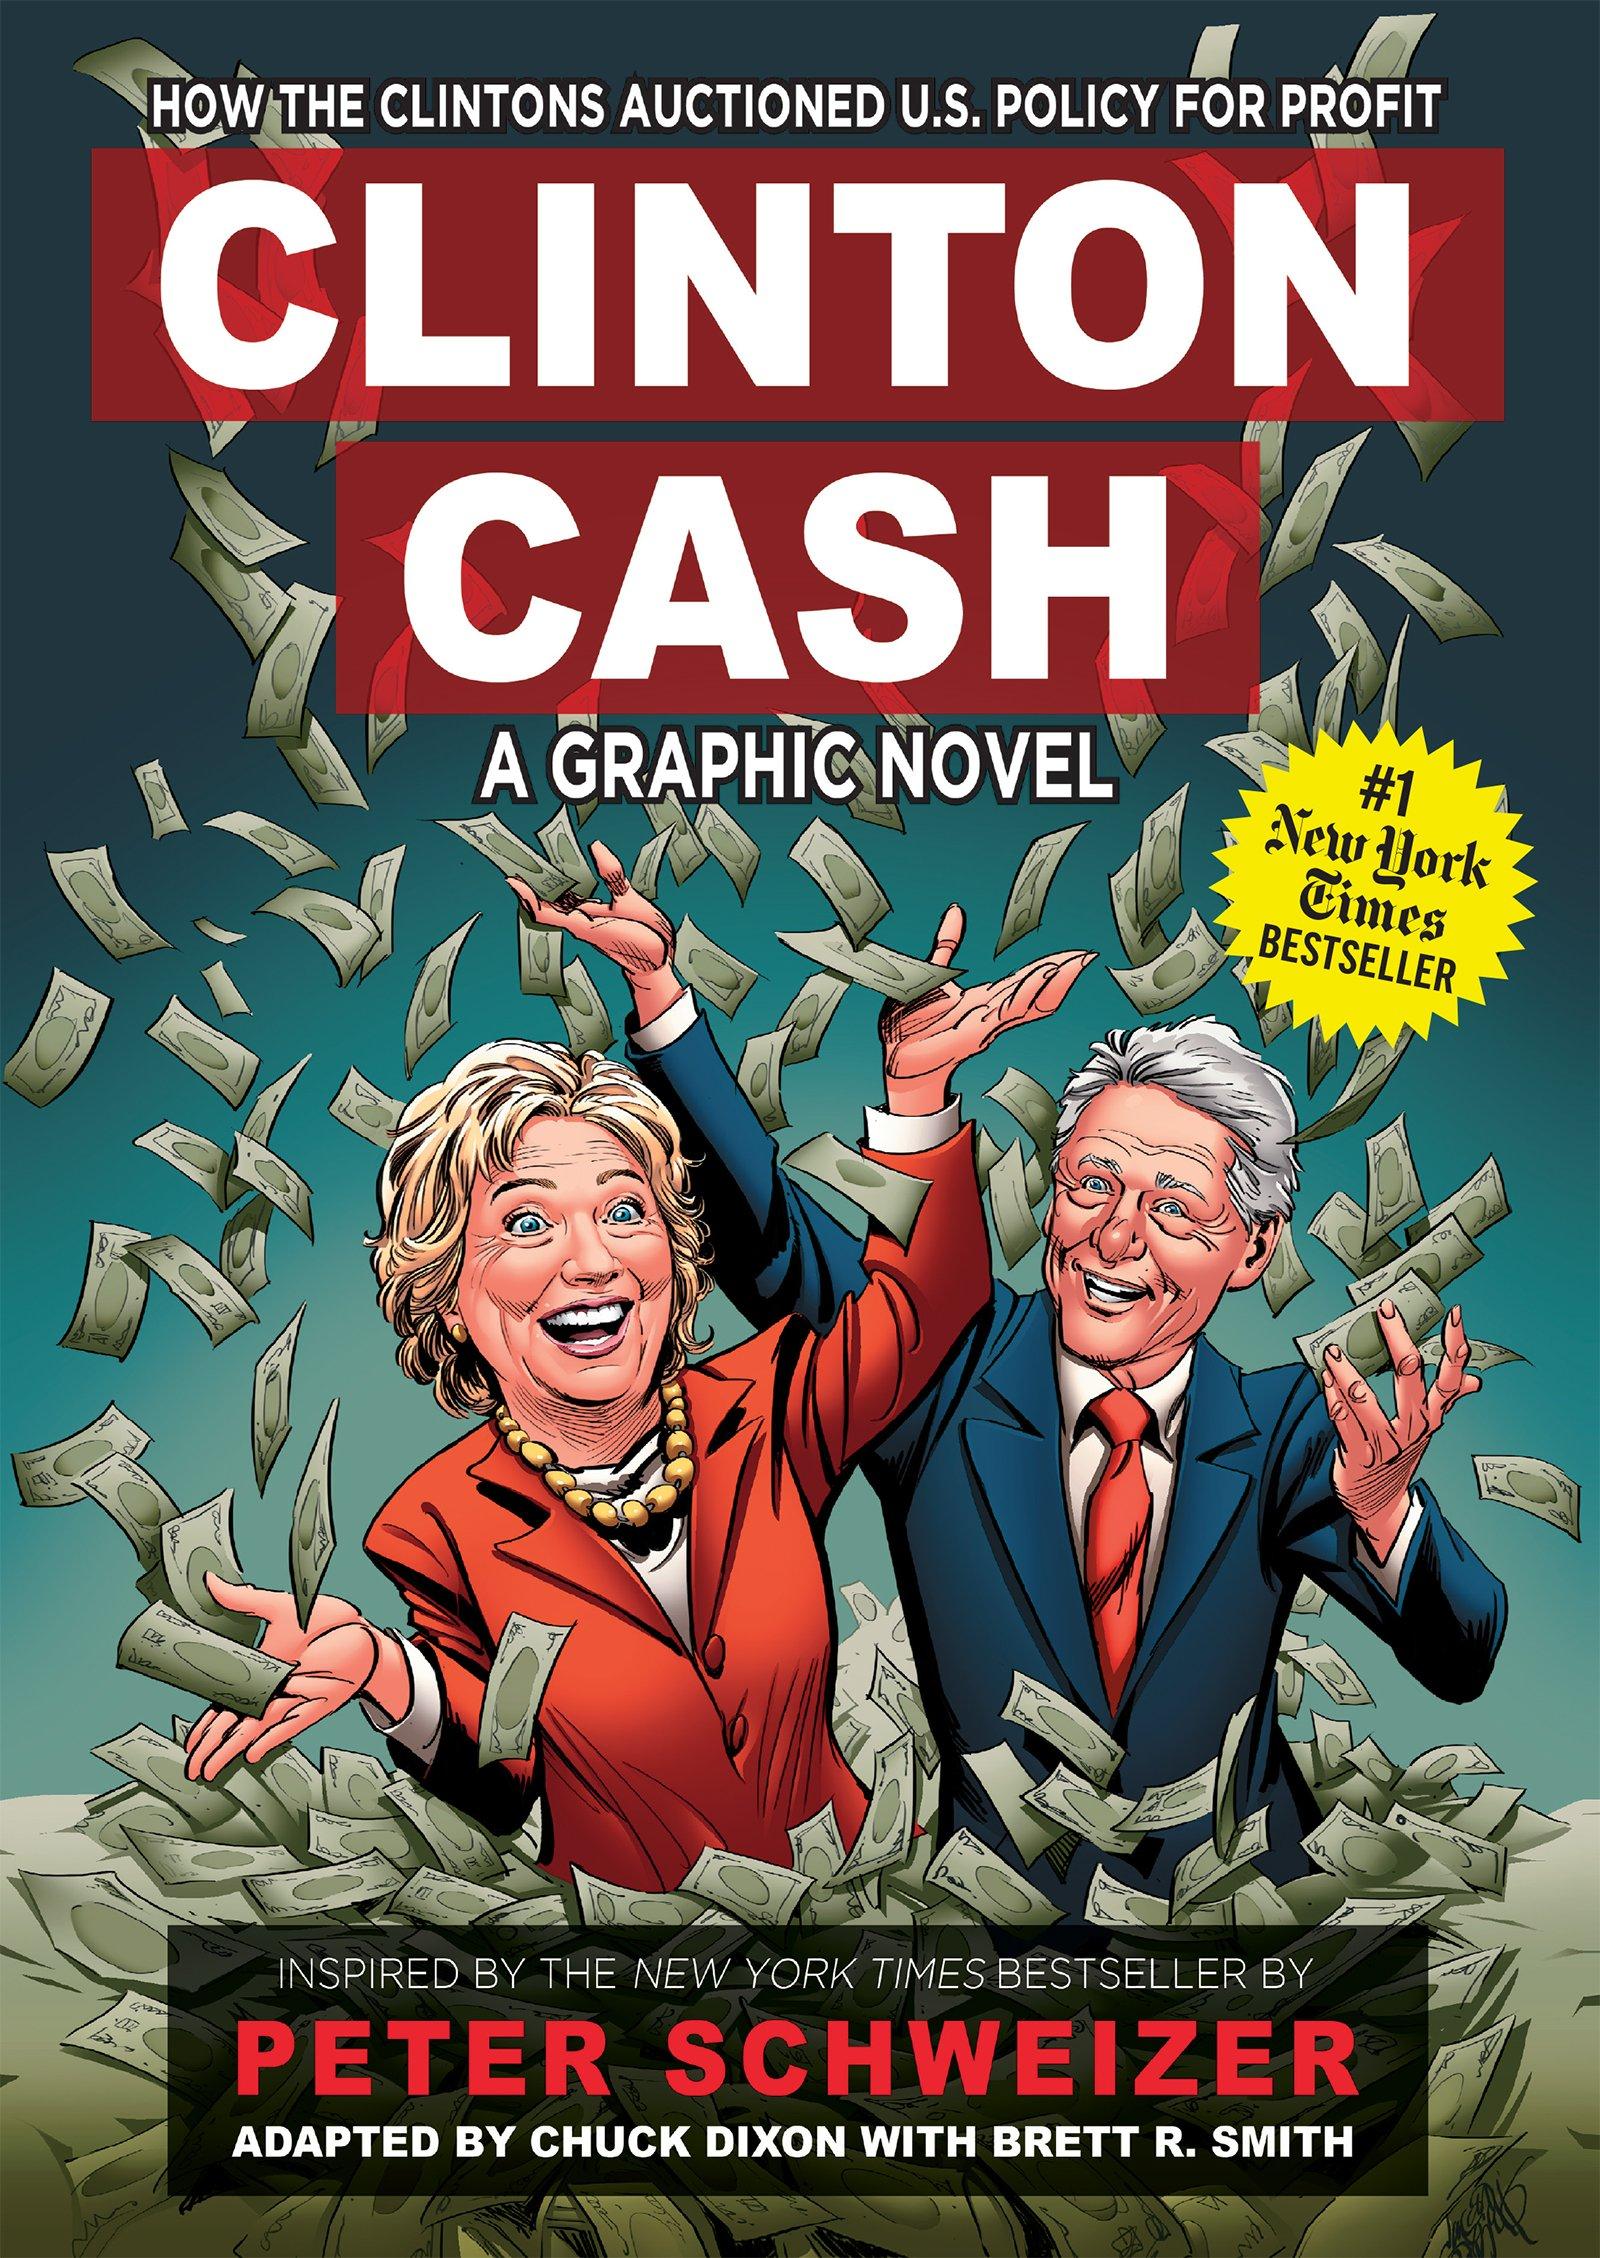 Clinton Cash Graphic Chuck Dixon product image